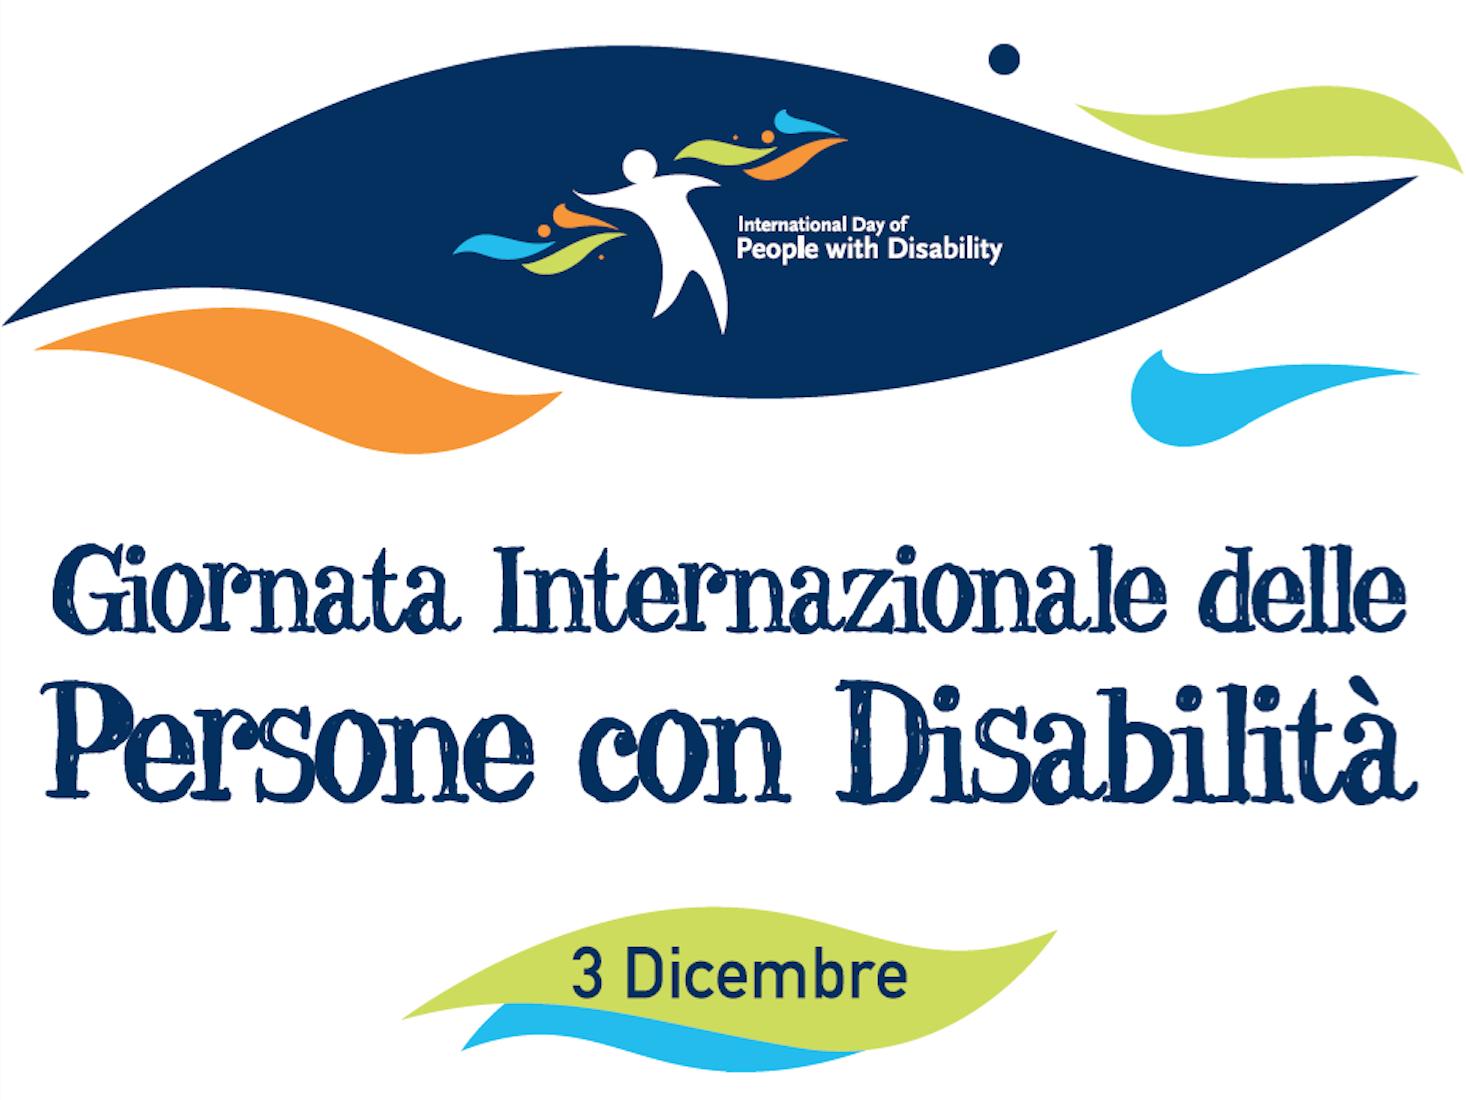 Disabilità, tanti progetti, non solo celebrazioni